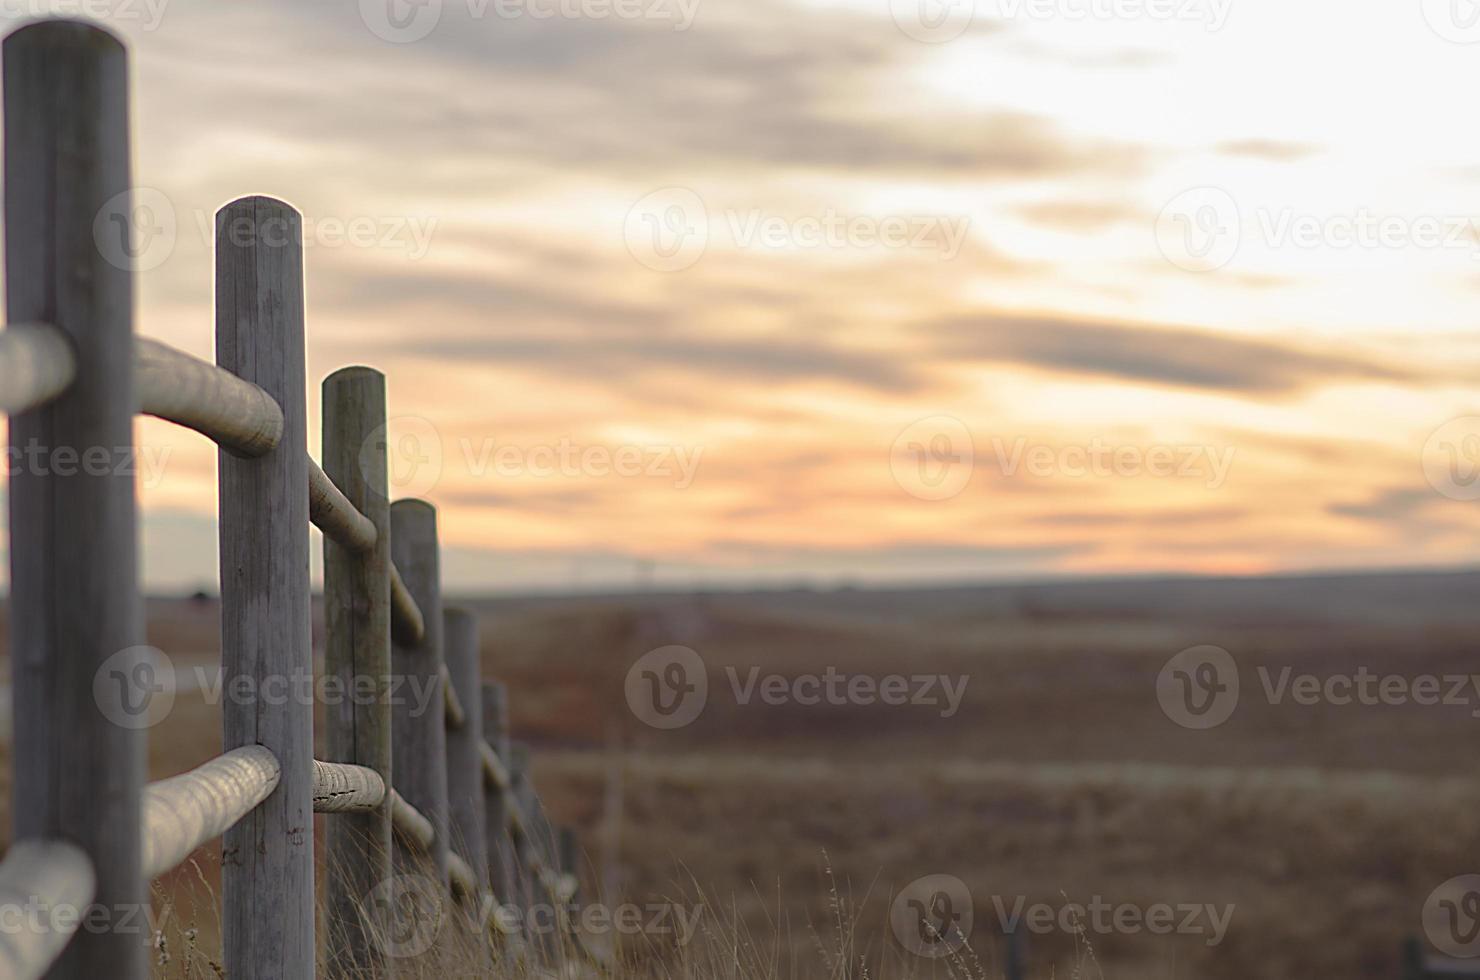 hek leidt het oog naar een open ruimte zonsondergang foto